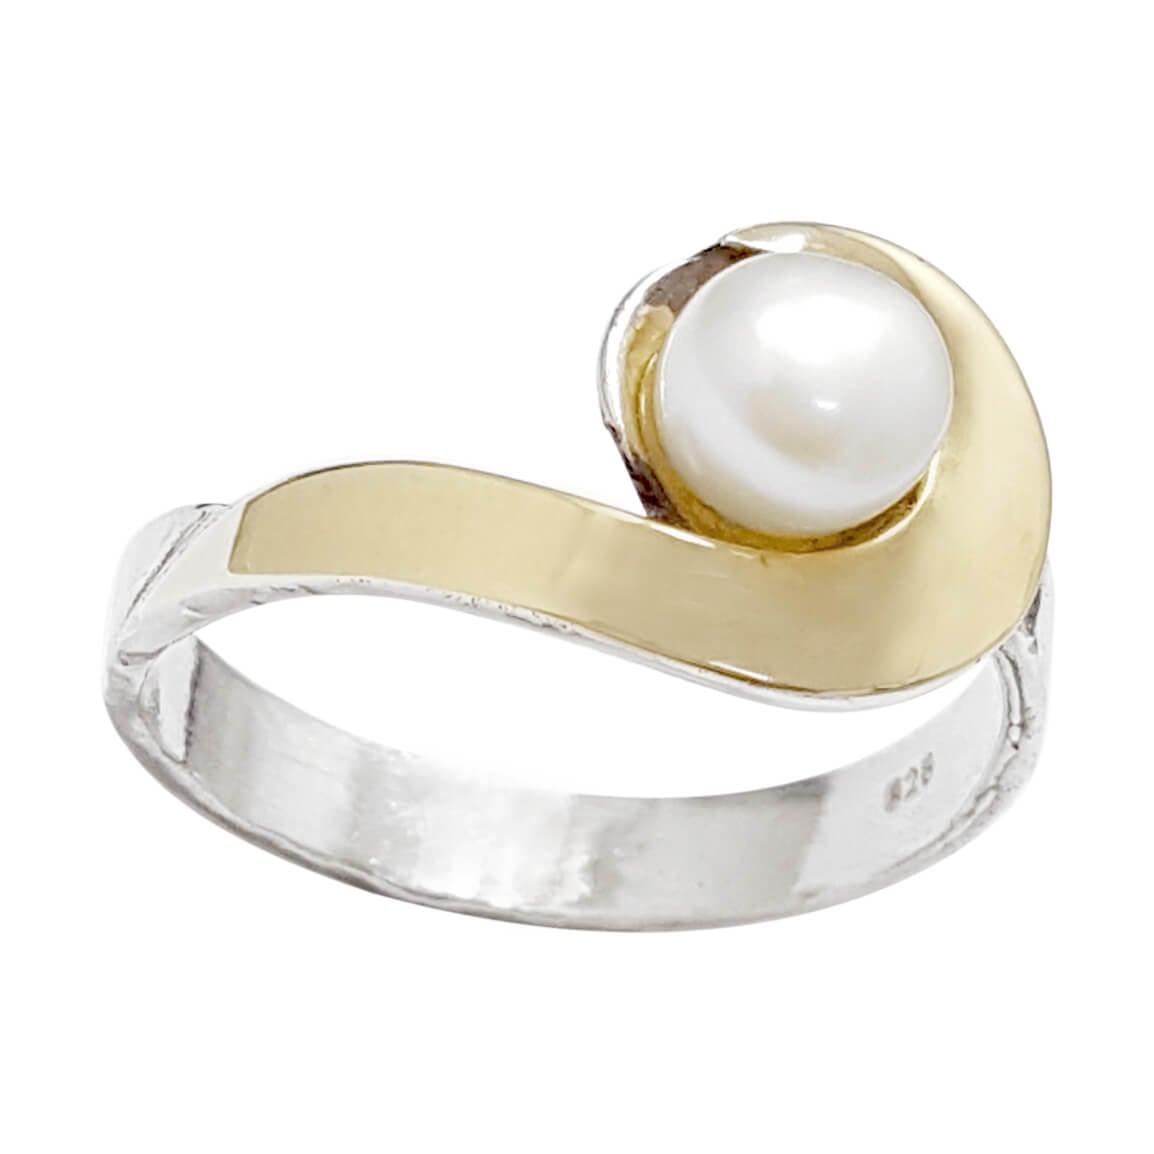 טבעת כסף מצופה זהב 9K משובצת פנינה לבנה  RG5968 | תכשיטי כסף | טבעות כסף